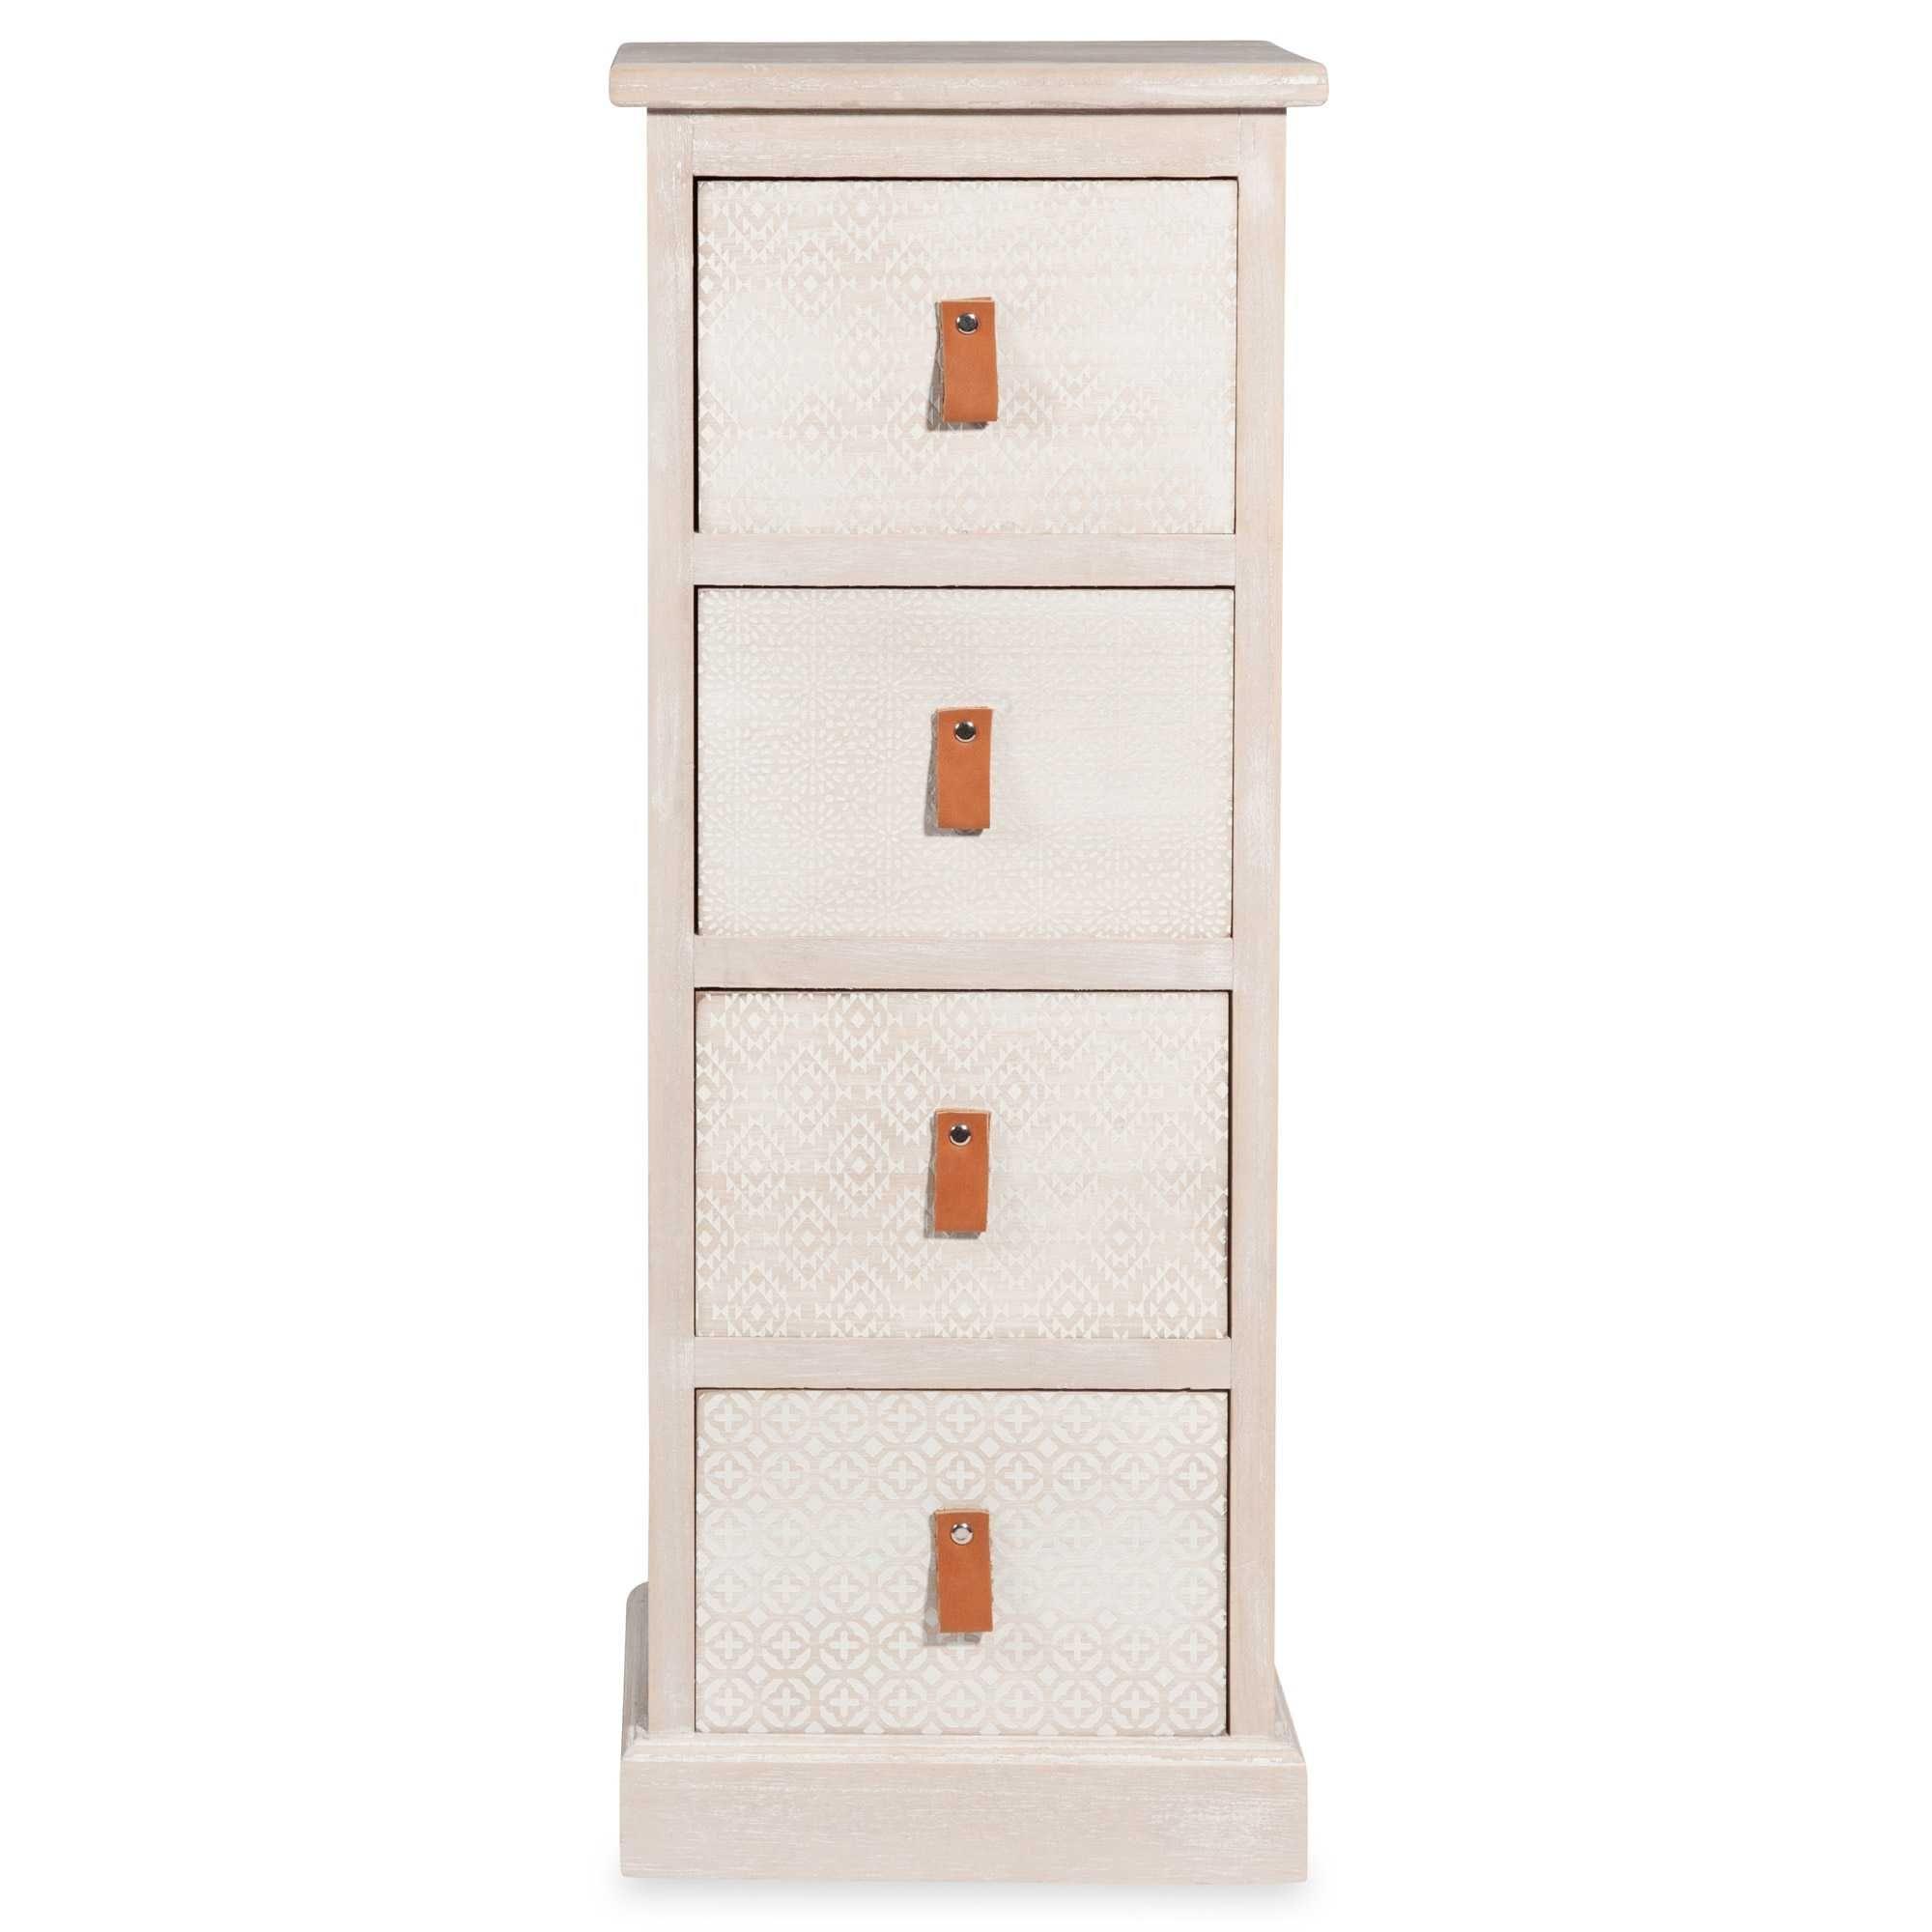 dcouvrez la nouvelle collection meubles dcoration maisons du monde 7 styles et plus de 1700 nouveauts canap luminaire dco murale ides dco